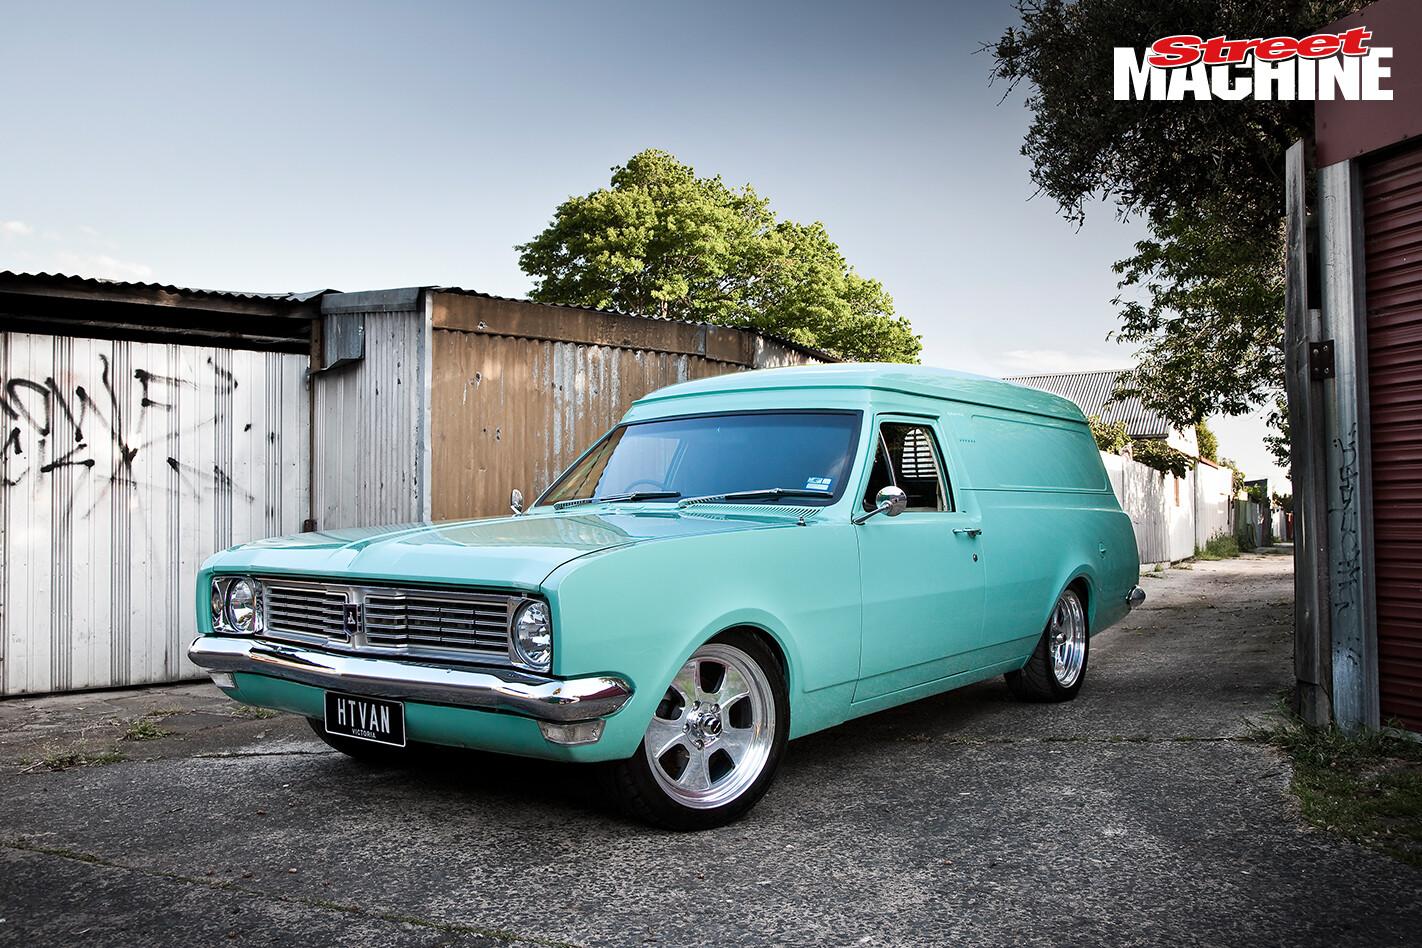 HT Holden Panel Van 13 Nw